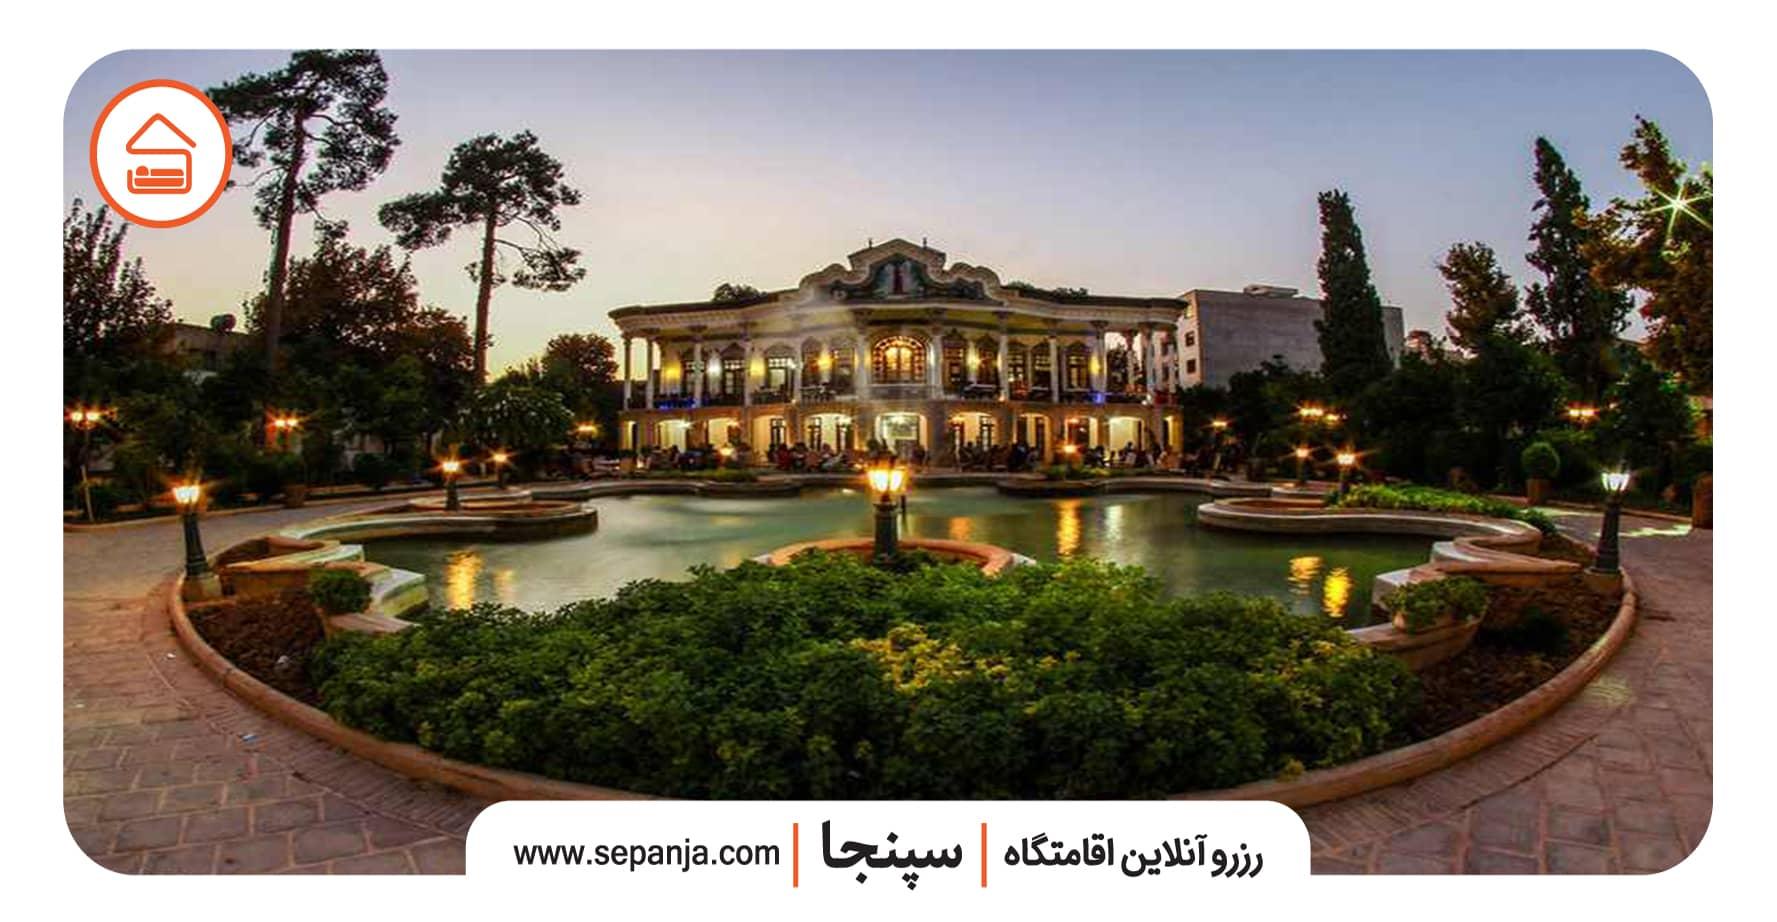 اقامت در نزدیکی عمارت شاپوری شیراز